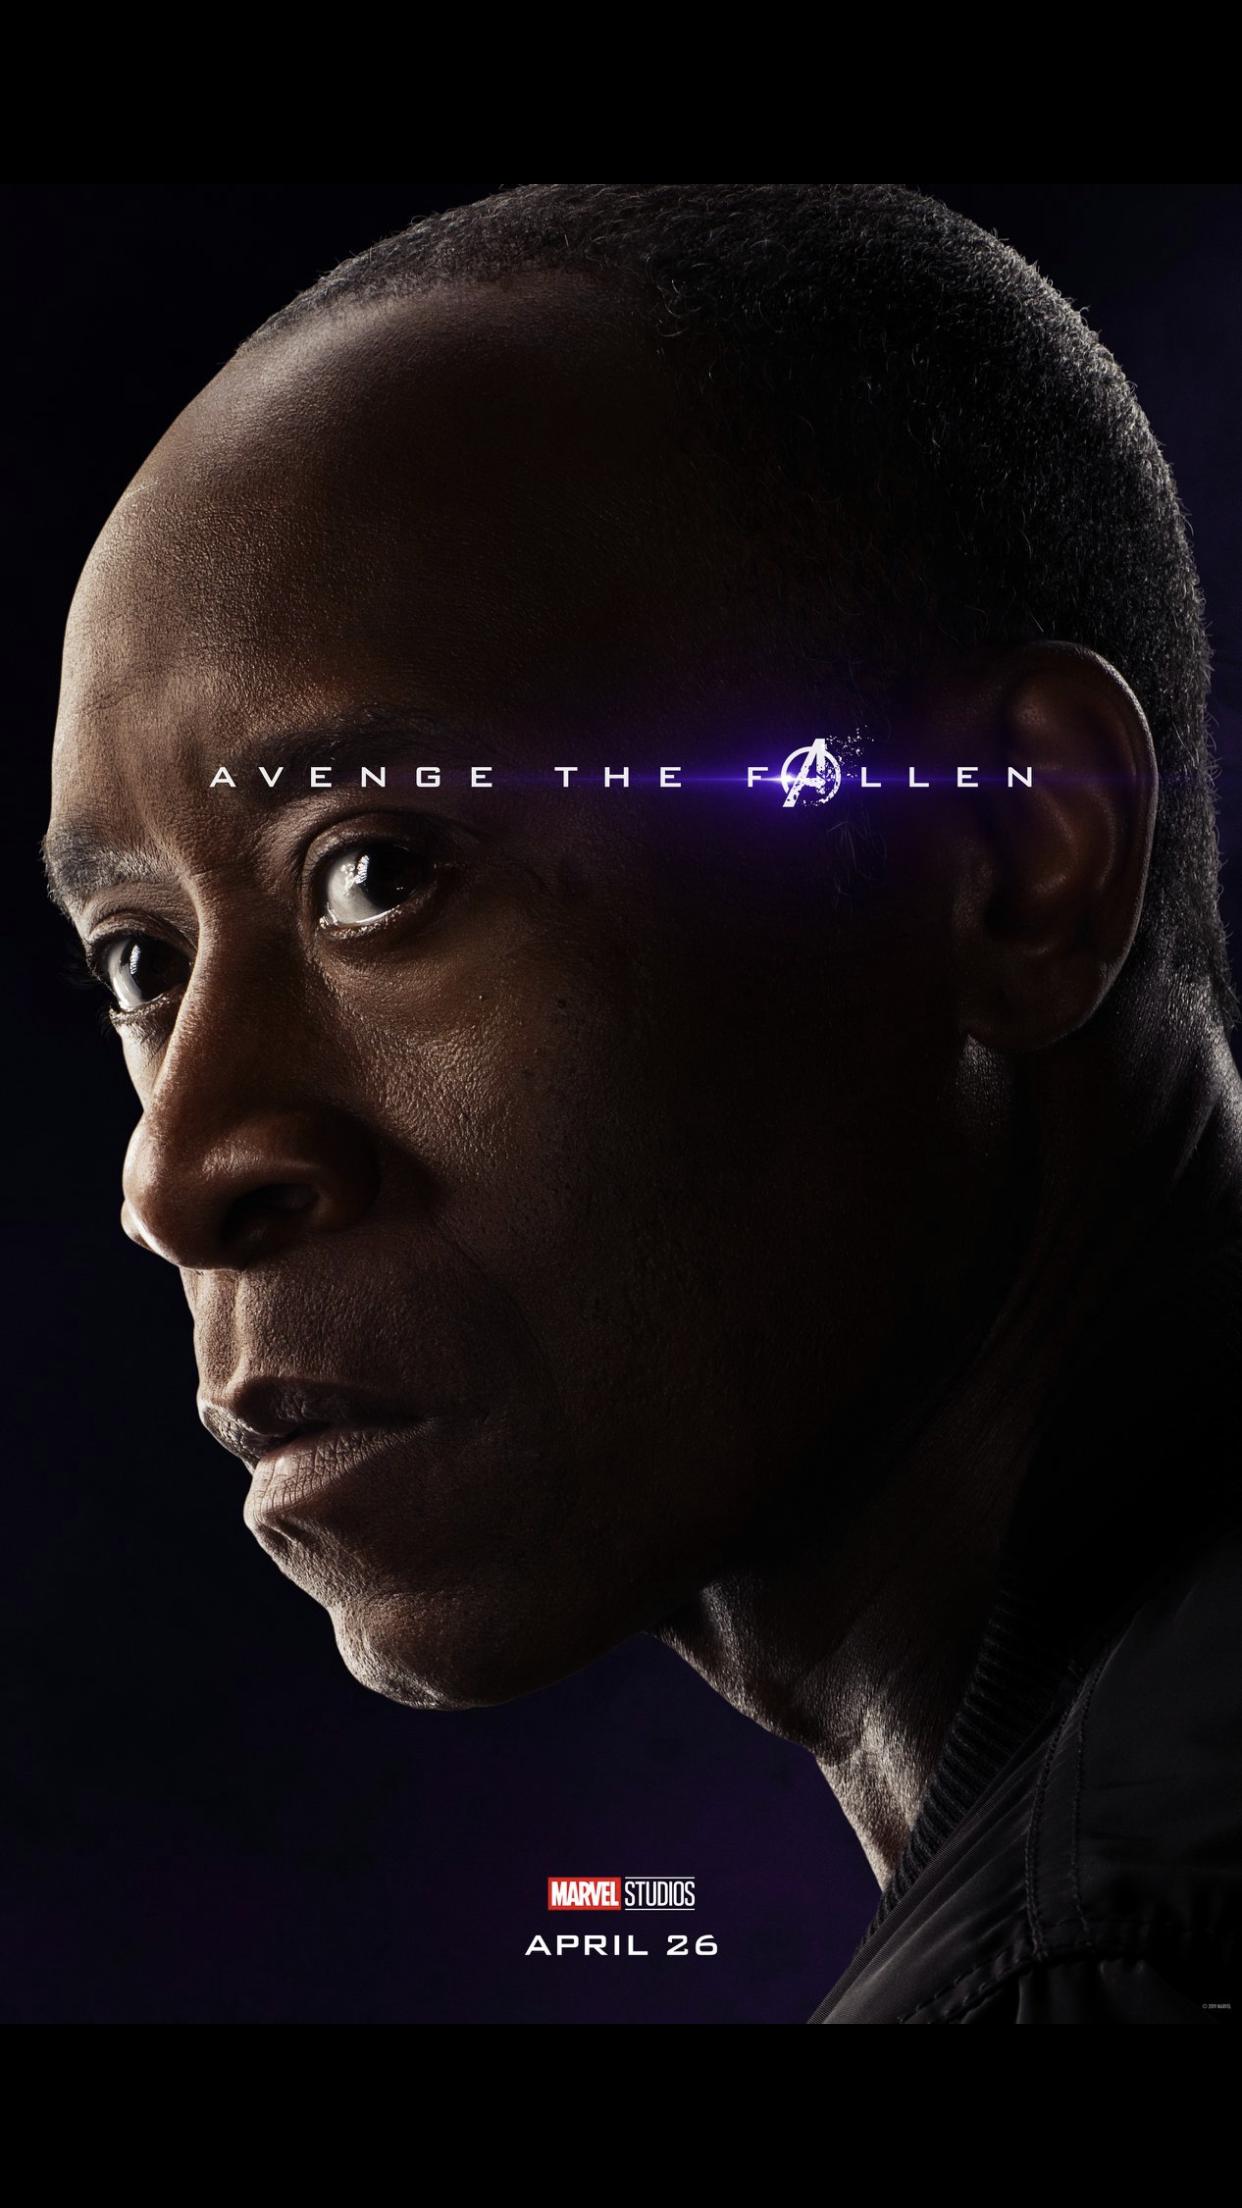 Rhodey Avenge The Fallen Endgame Avengers Imagines Avengers Pictures Avengers